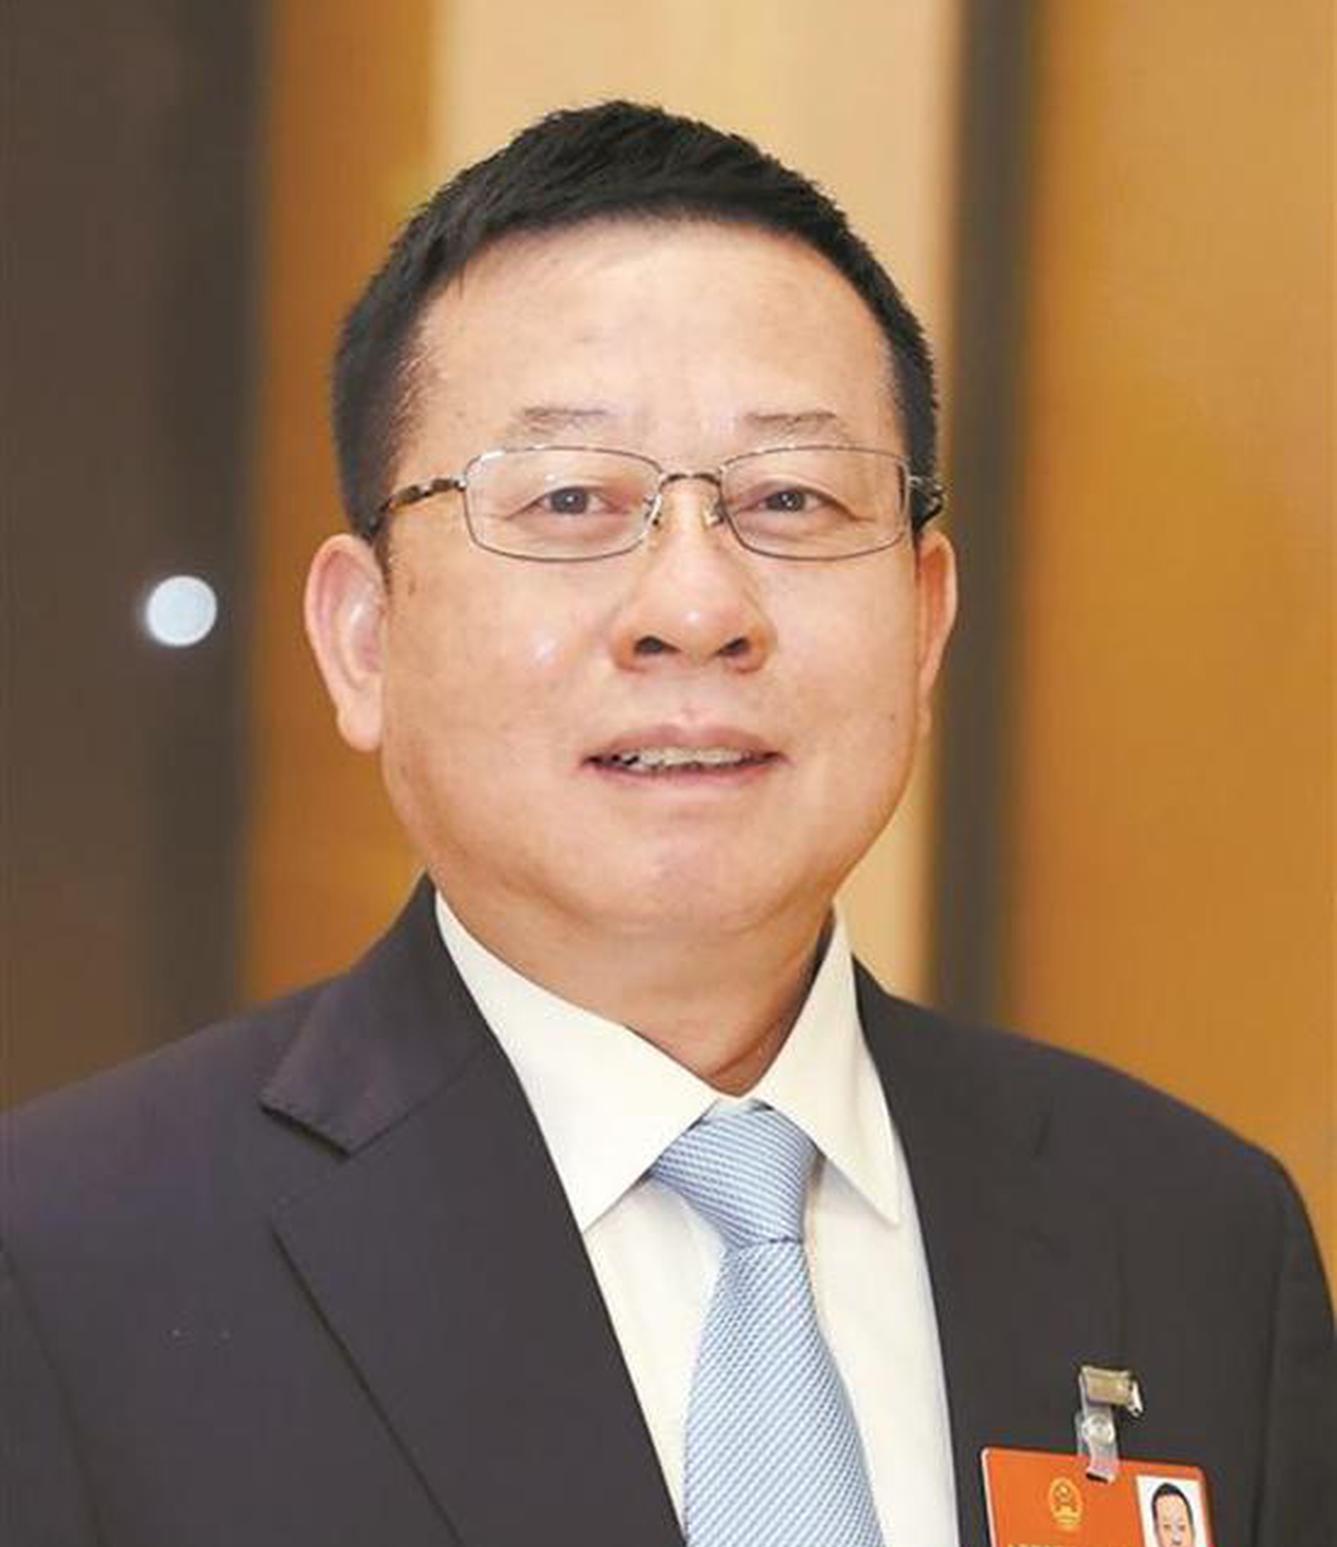 我从基层来︱刘飞香:加速装备制造产业创新蝶变犇向新高地